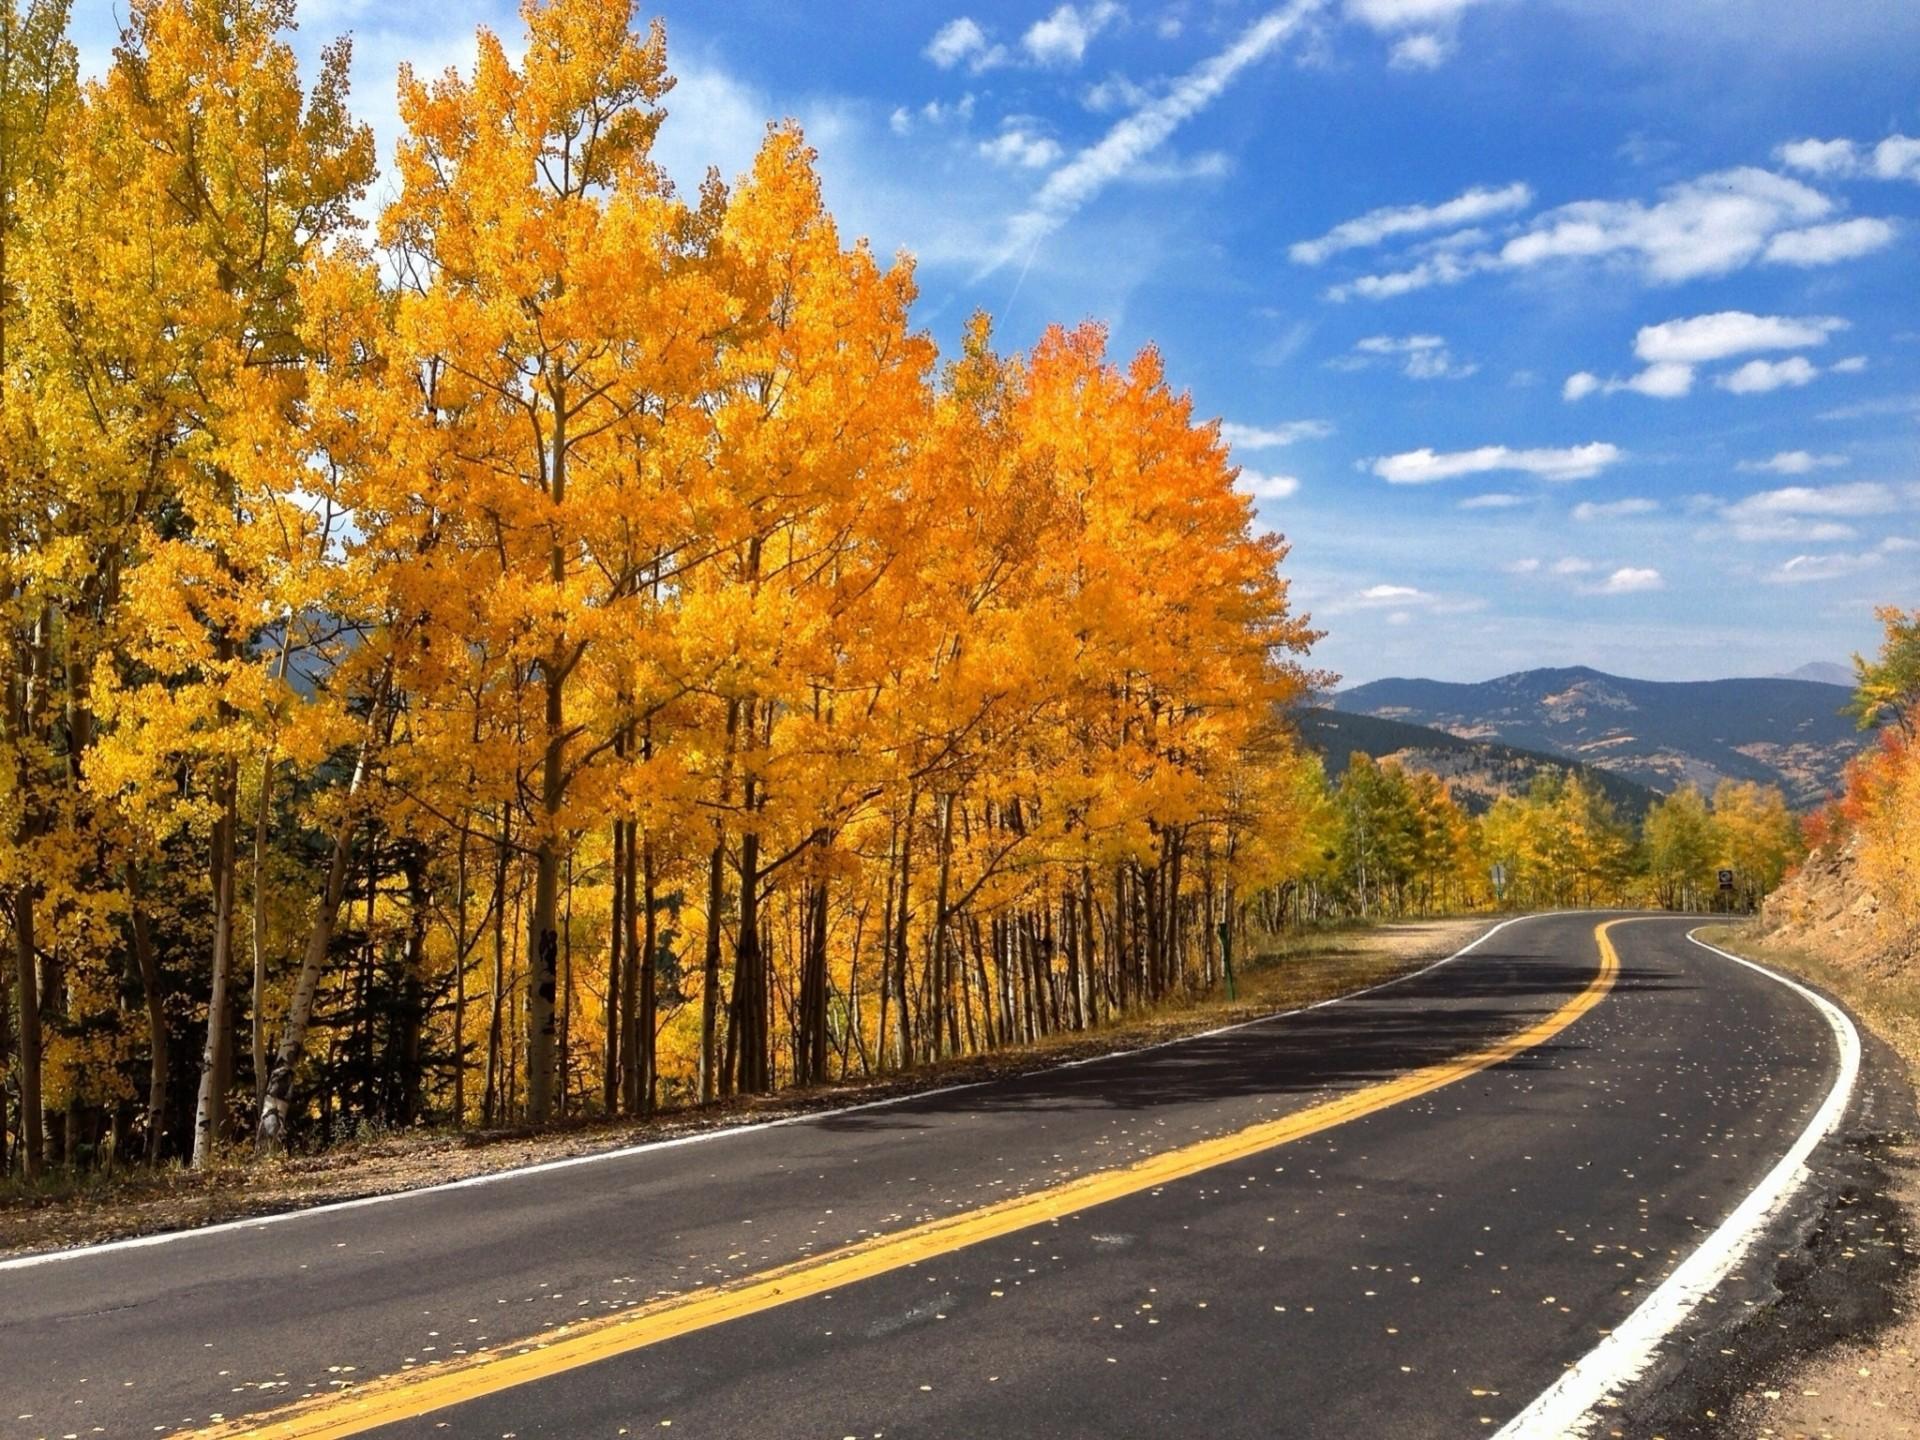 категорию фотографии осень дороги является автором